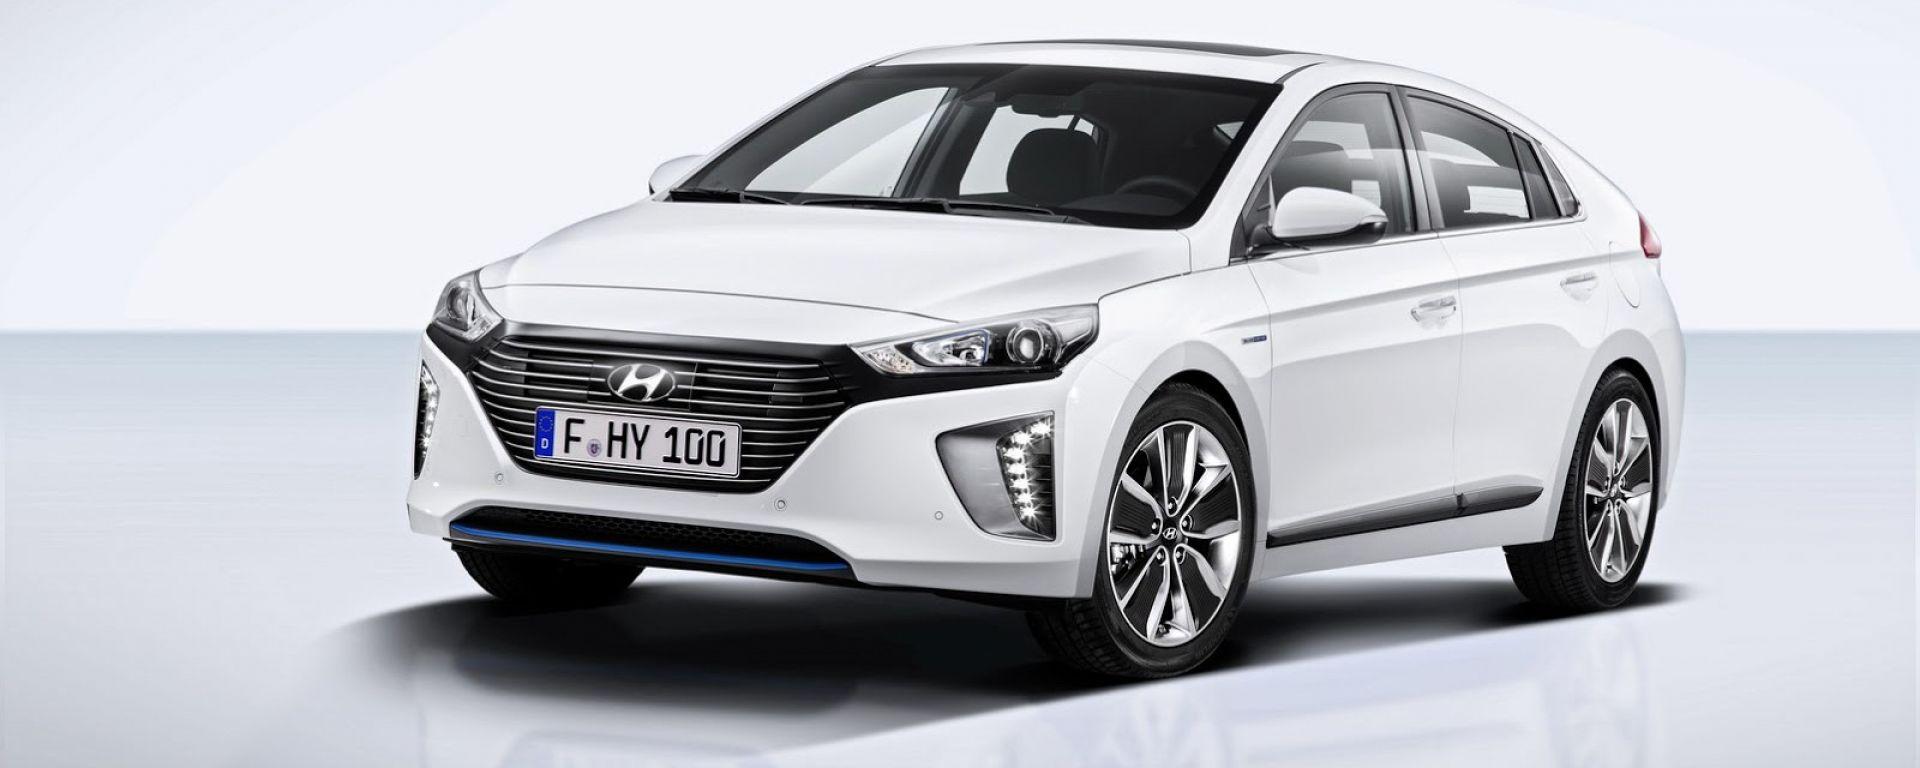 Hyundai Ioniq: foto ufficiali e primi dati tecnici